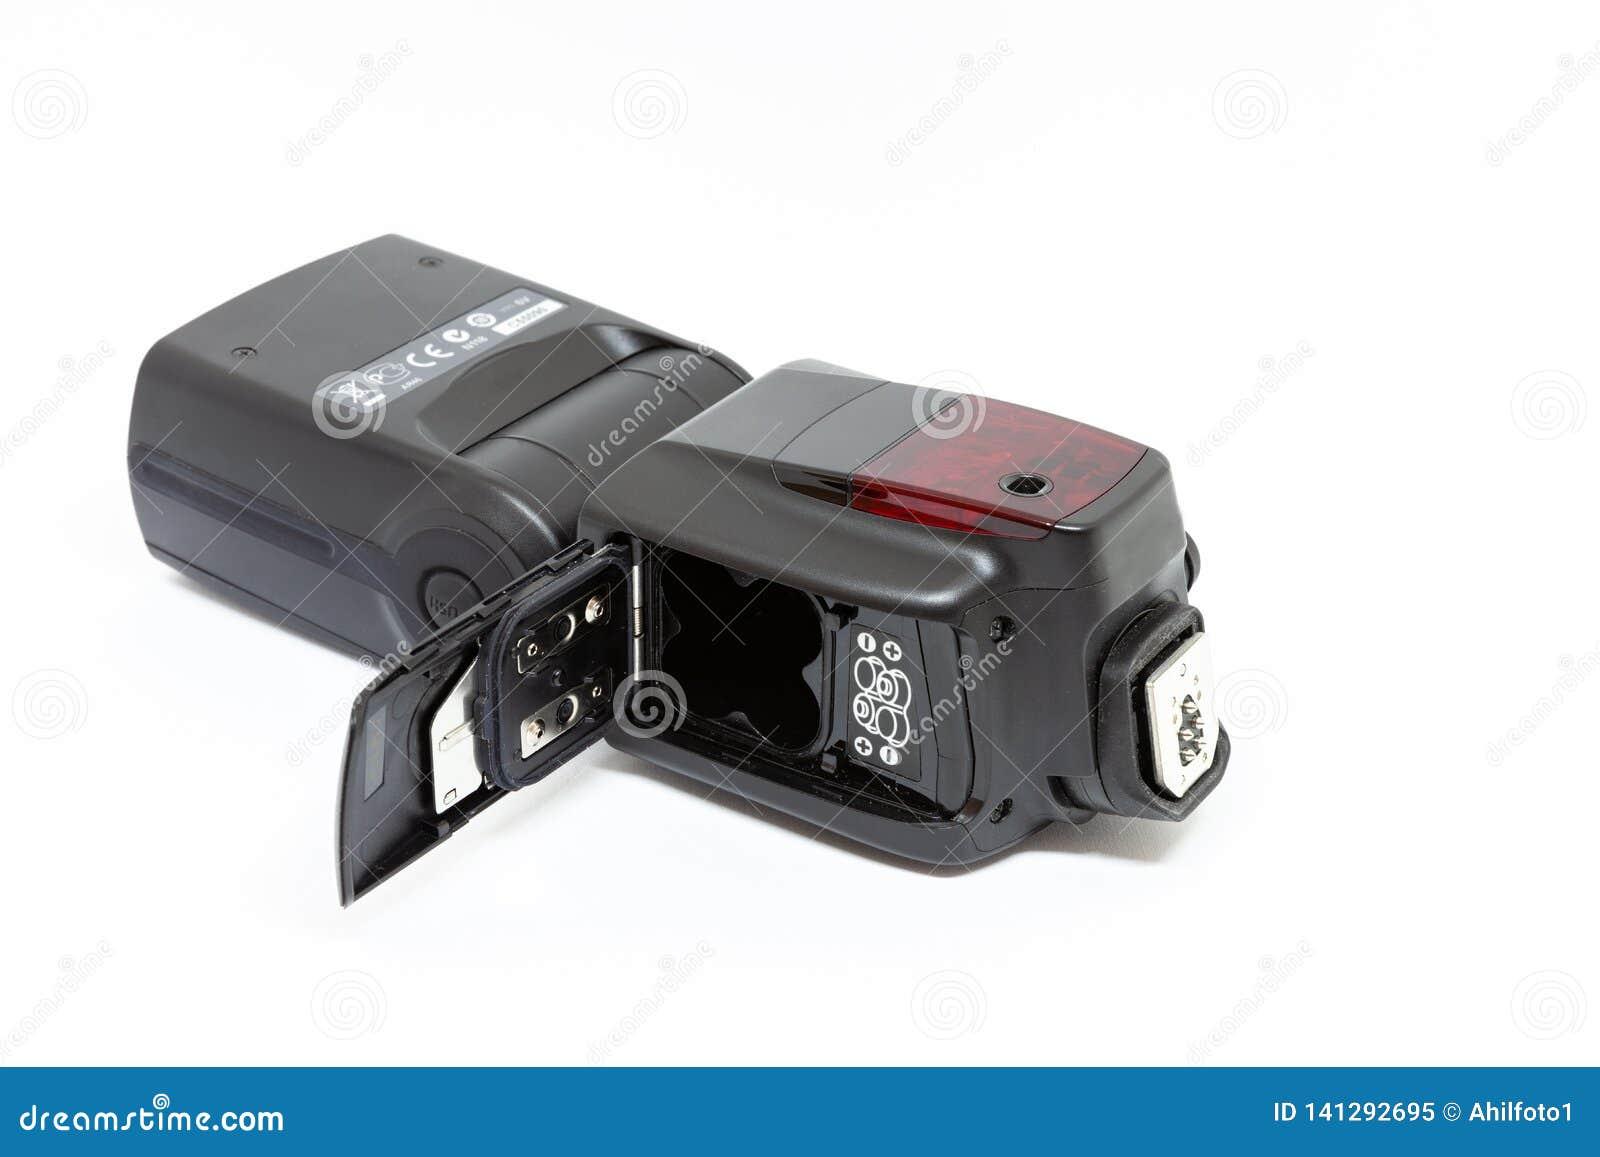 Zewnętrznie kamera błysk z otwartym bateryjnym przedziałem